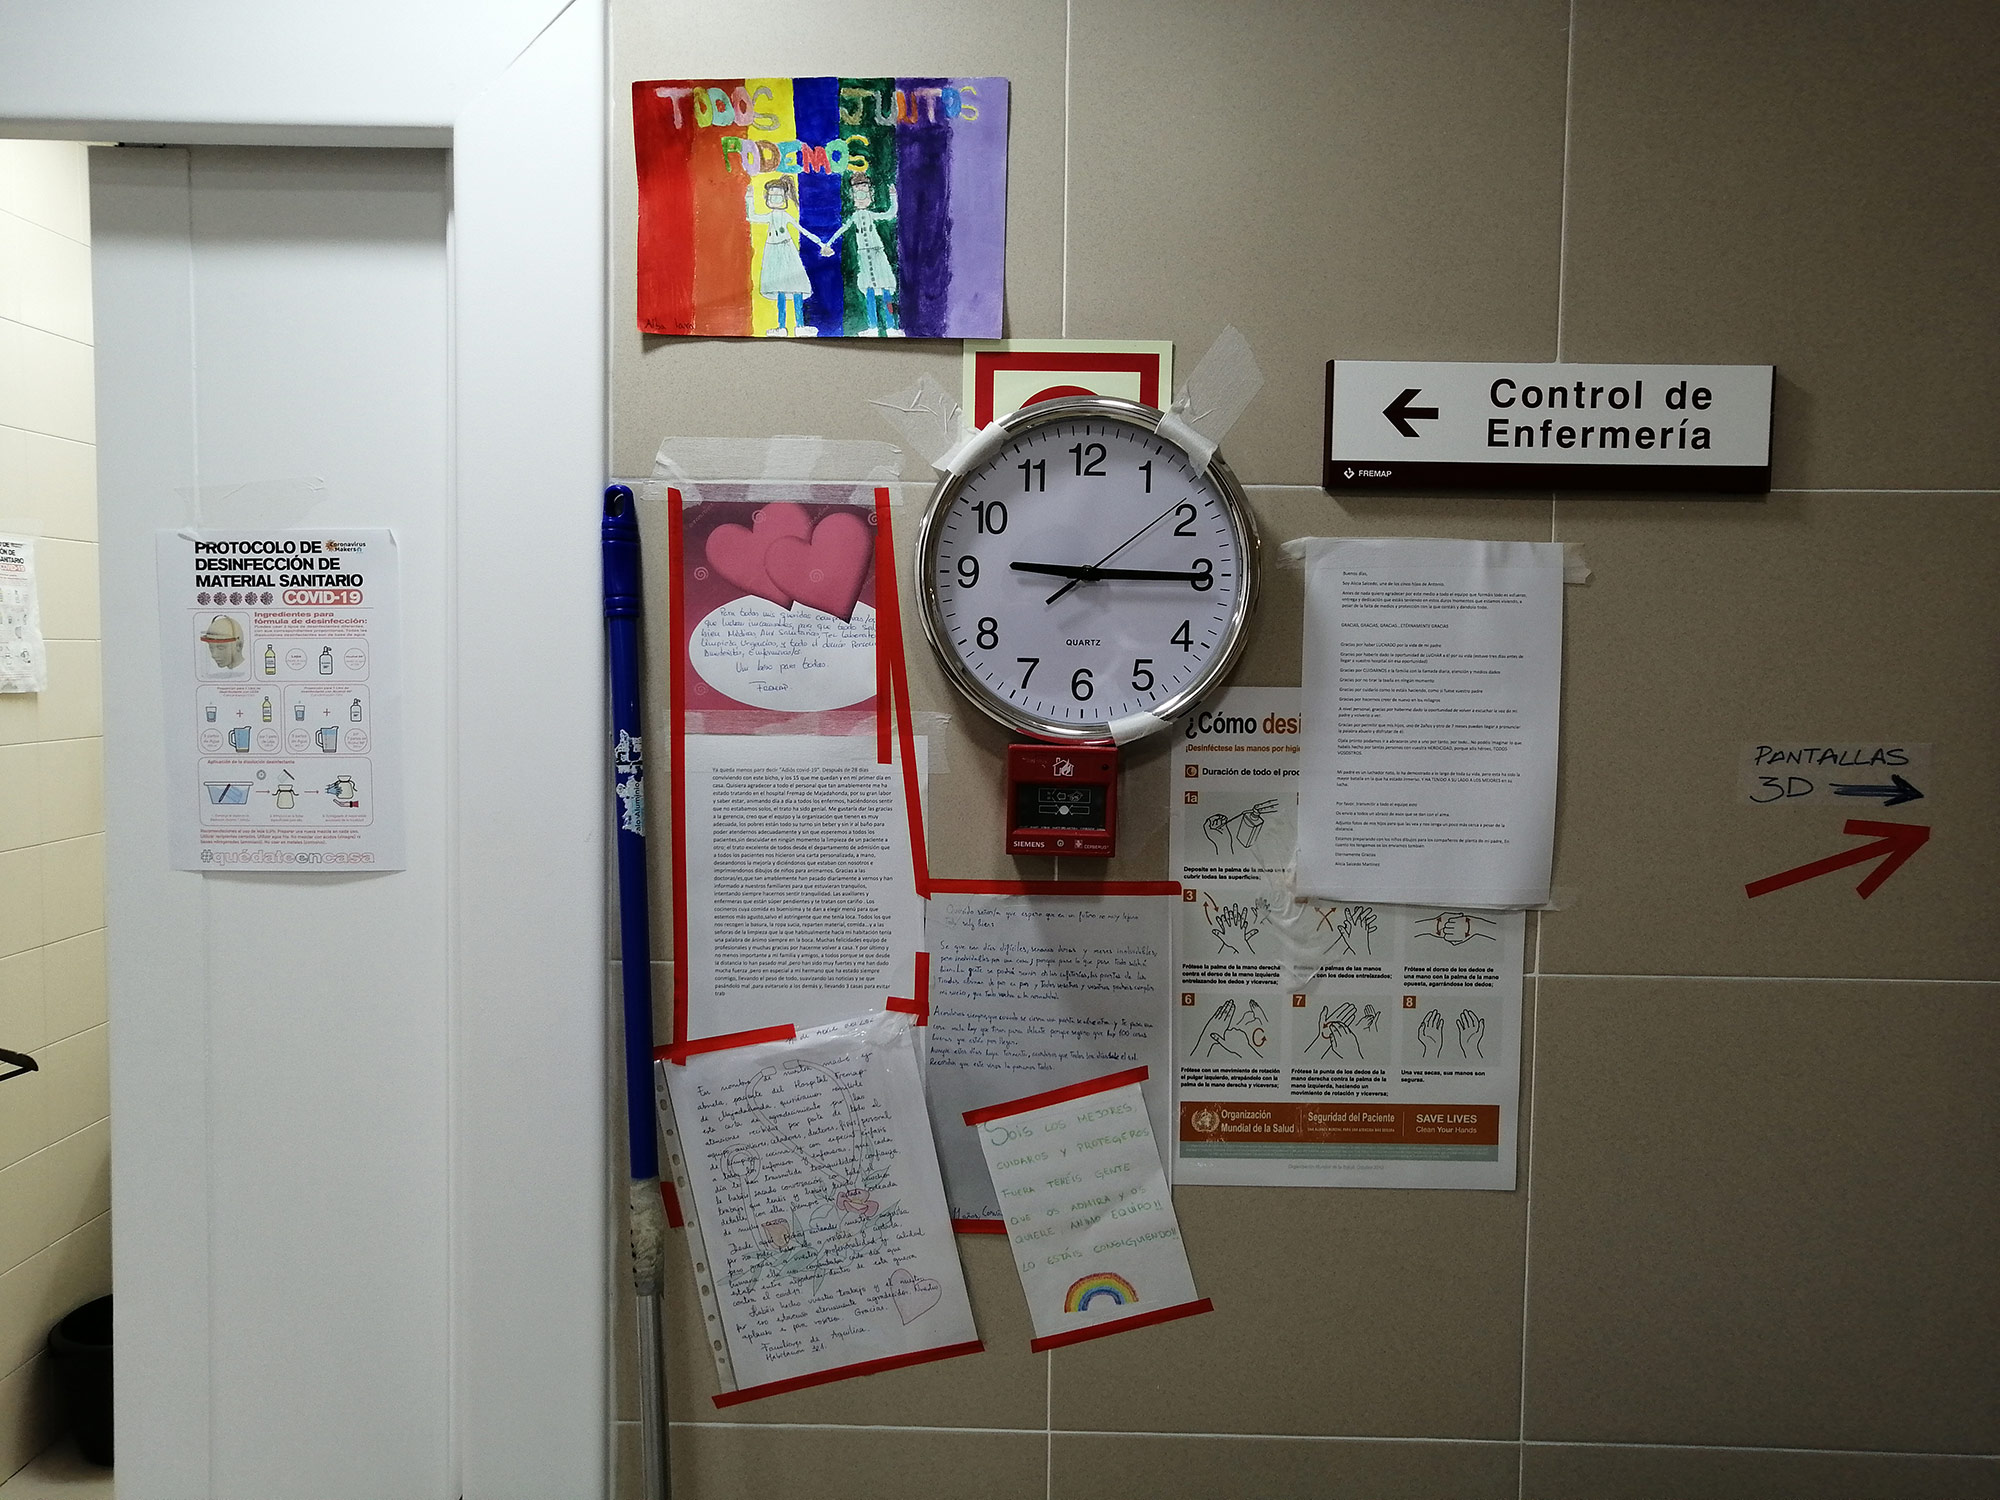 No activar a tiempo el sistema de alerta epidemiológico, pese a contar con informes internacionales, ha sido determinante en la expansión de la pandemia en España